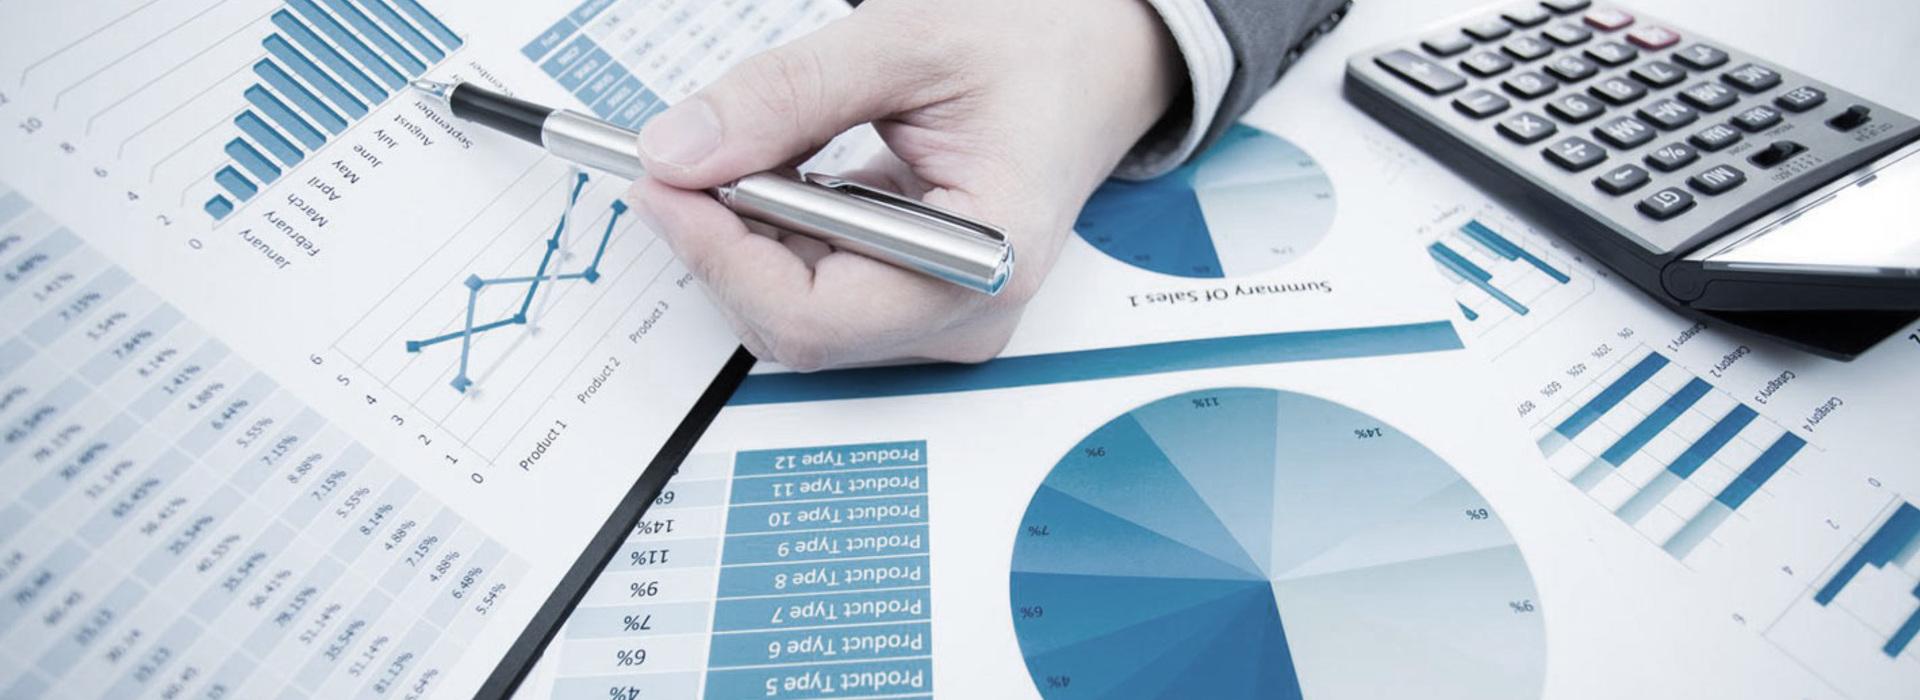 Компании доверительное управление на форекс